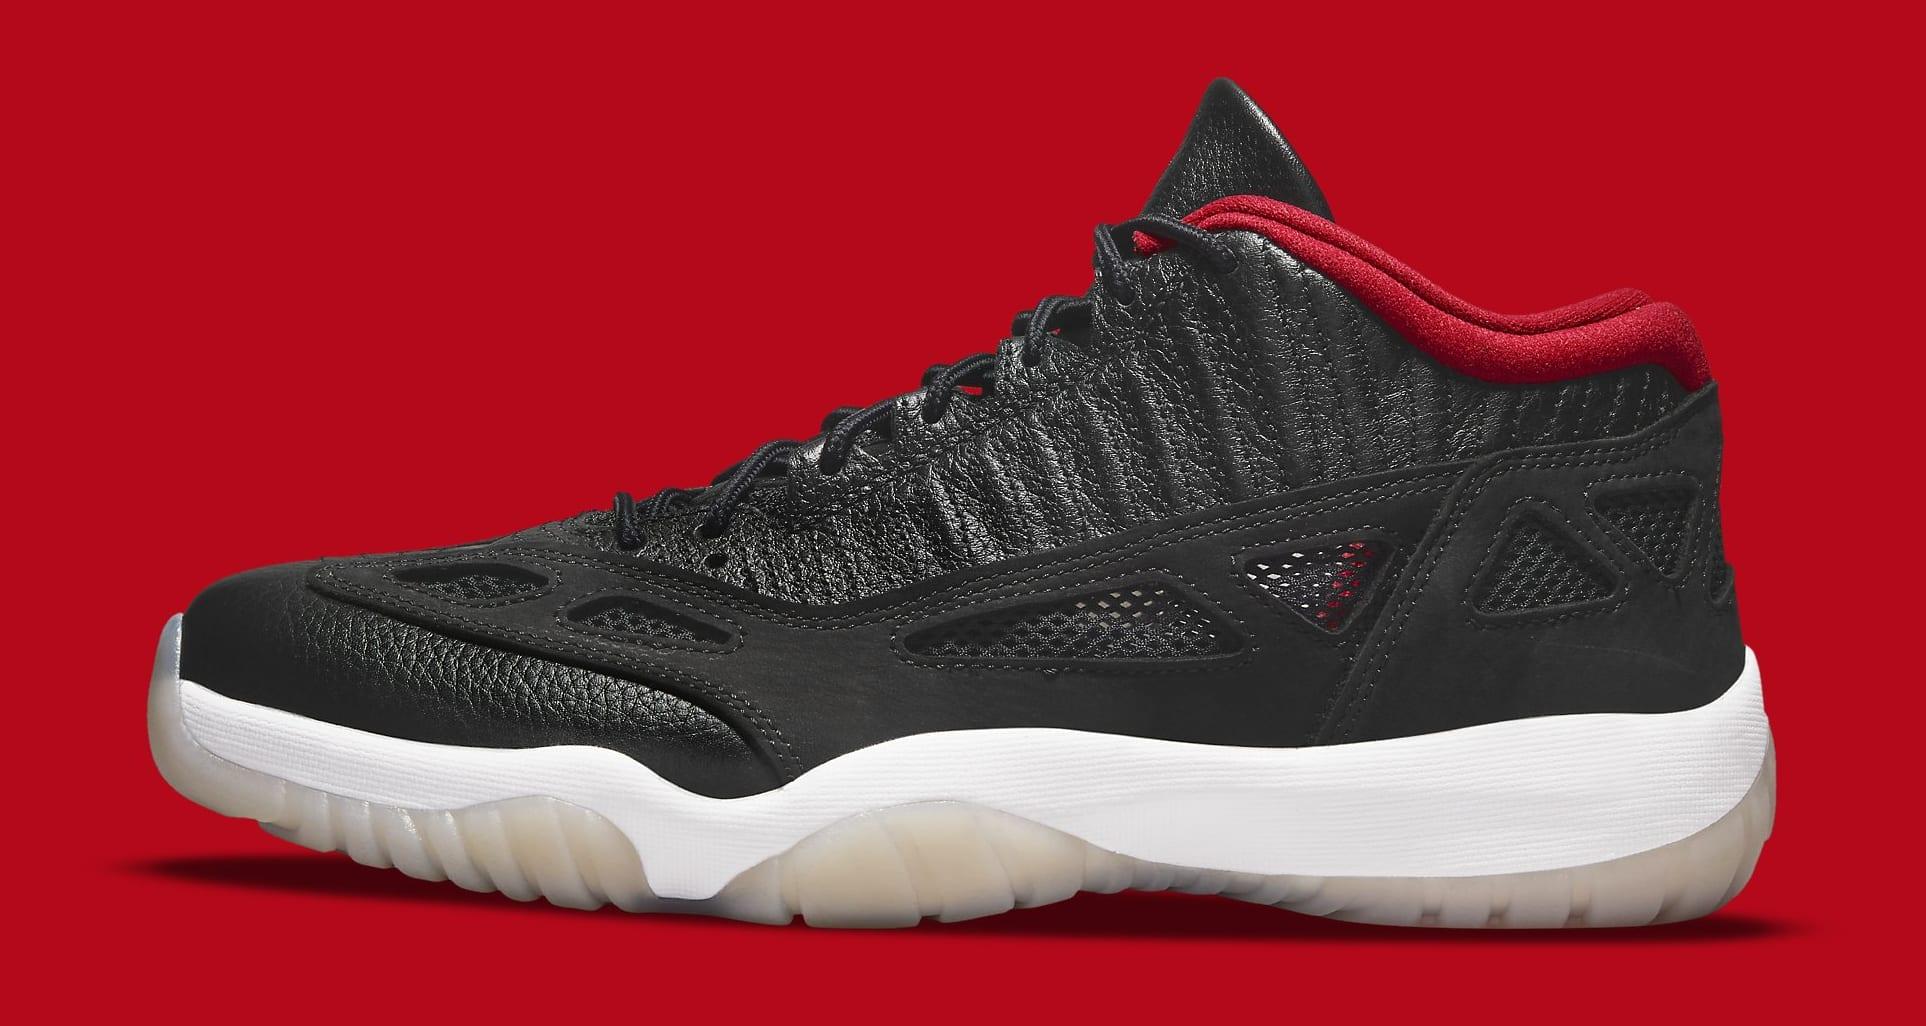 Air Jordan 11 Low IE 'Black/Red' 919712-023 Lateral